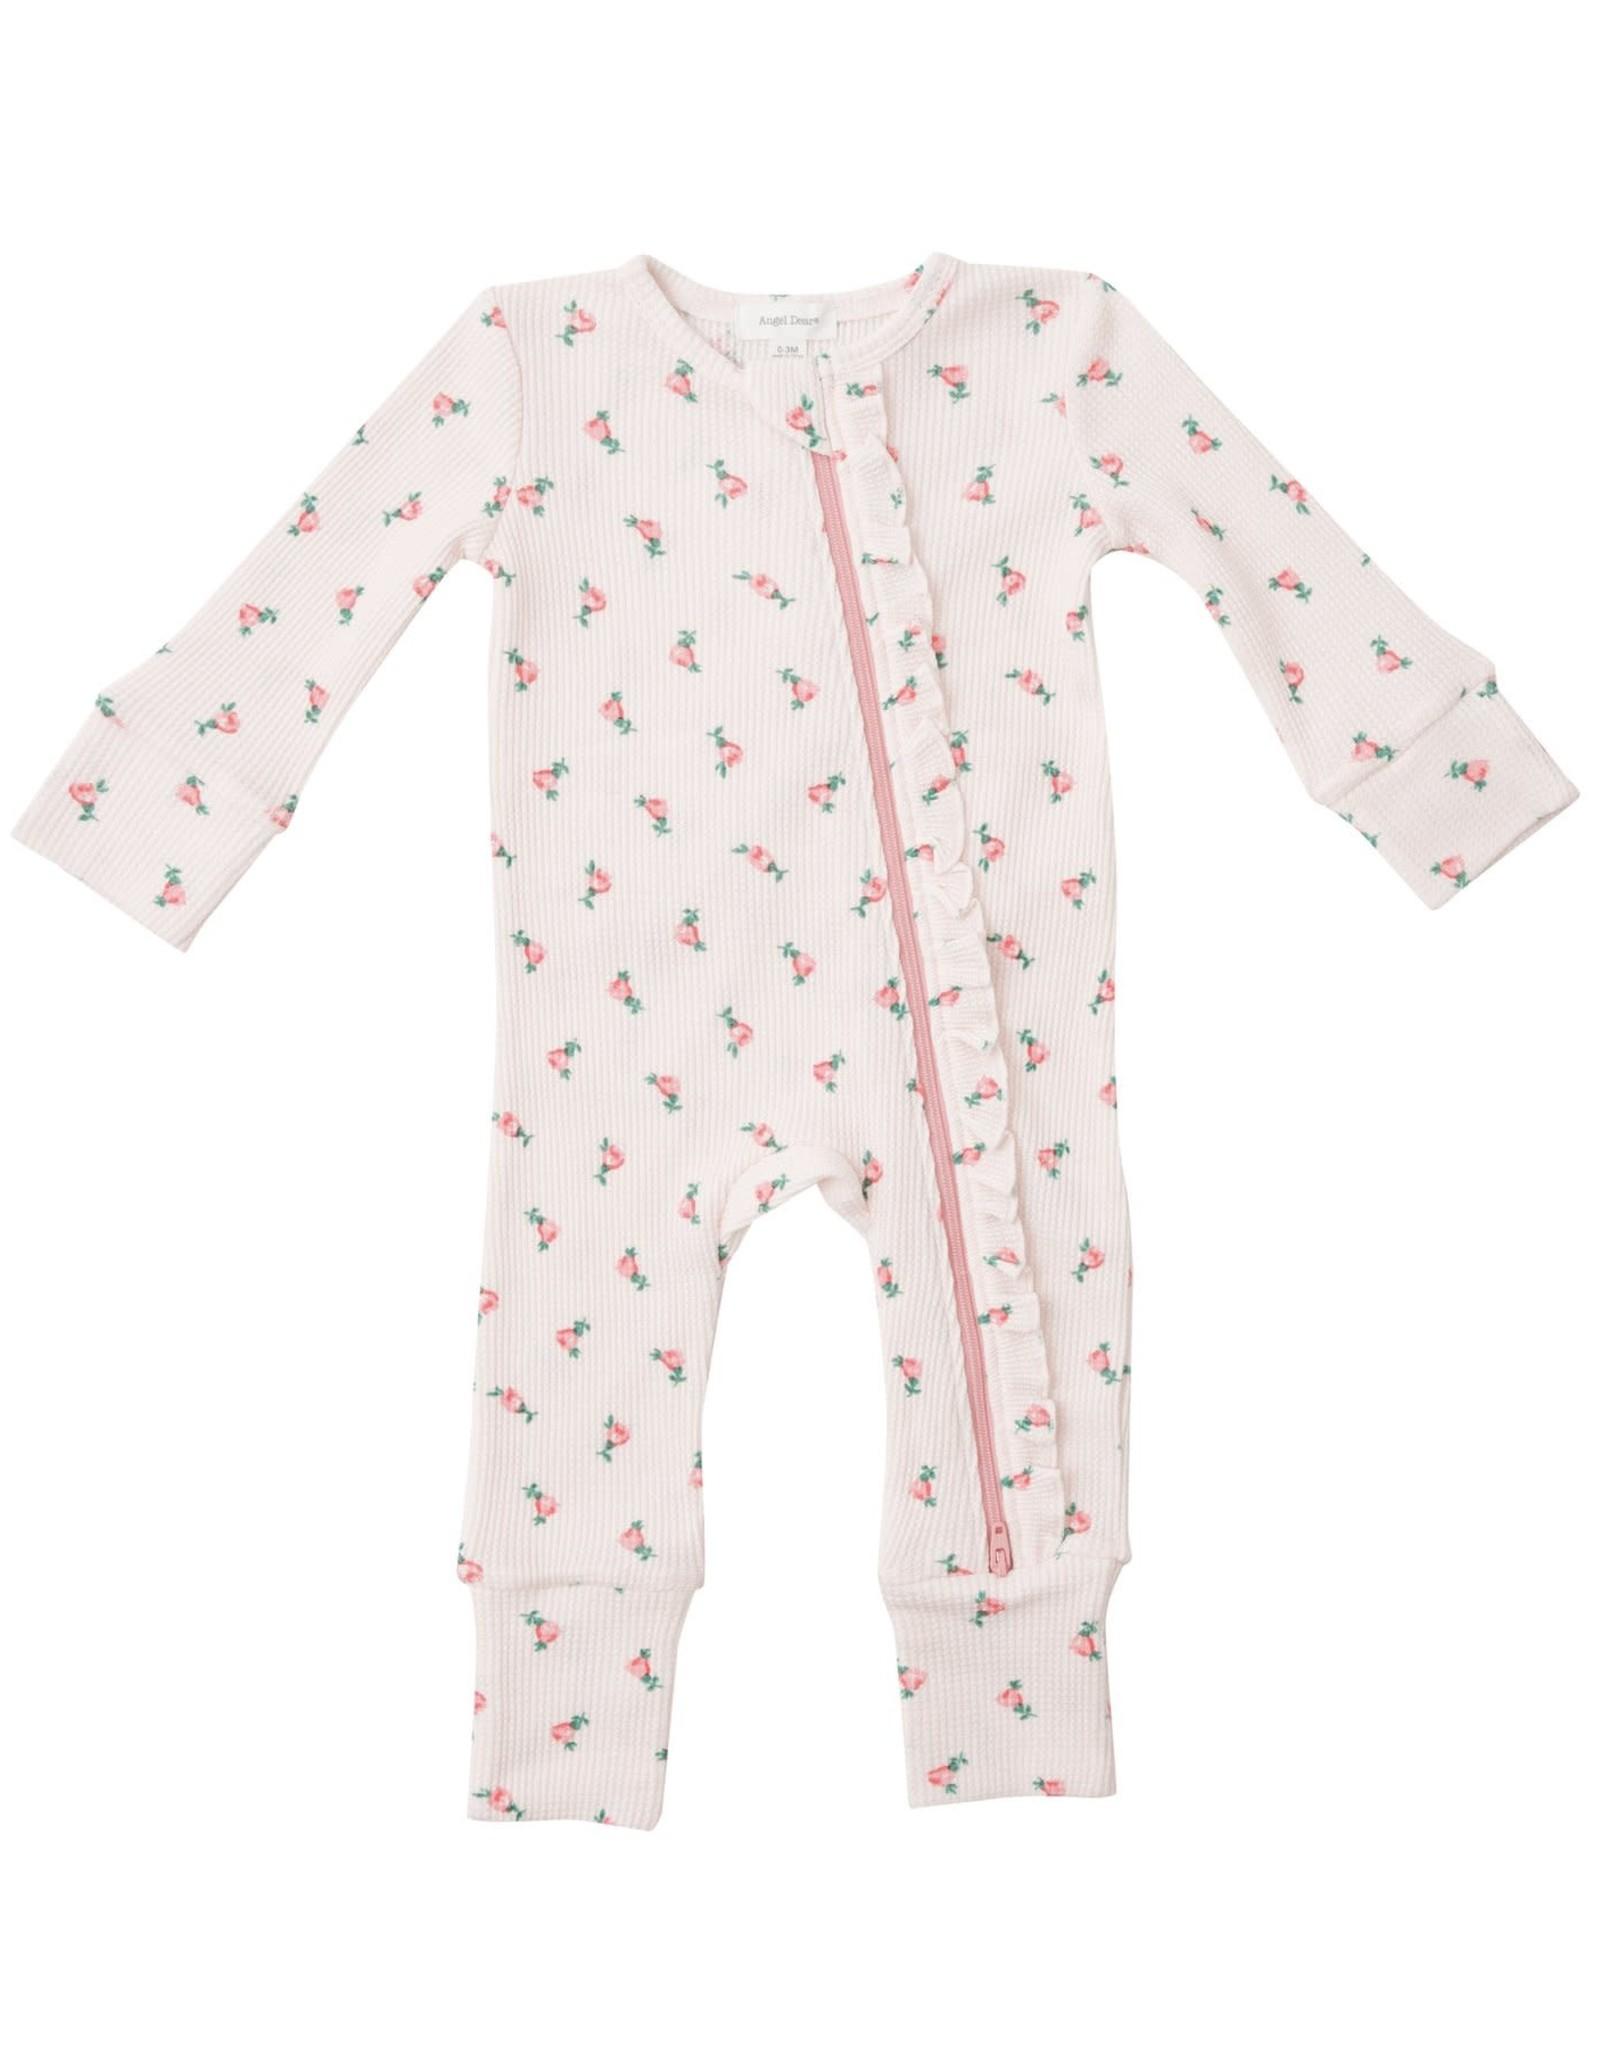 Angel Dear Rosebud 2 Way Zipper Romper, White + Pink